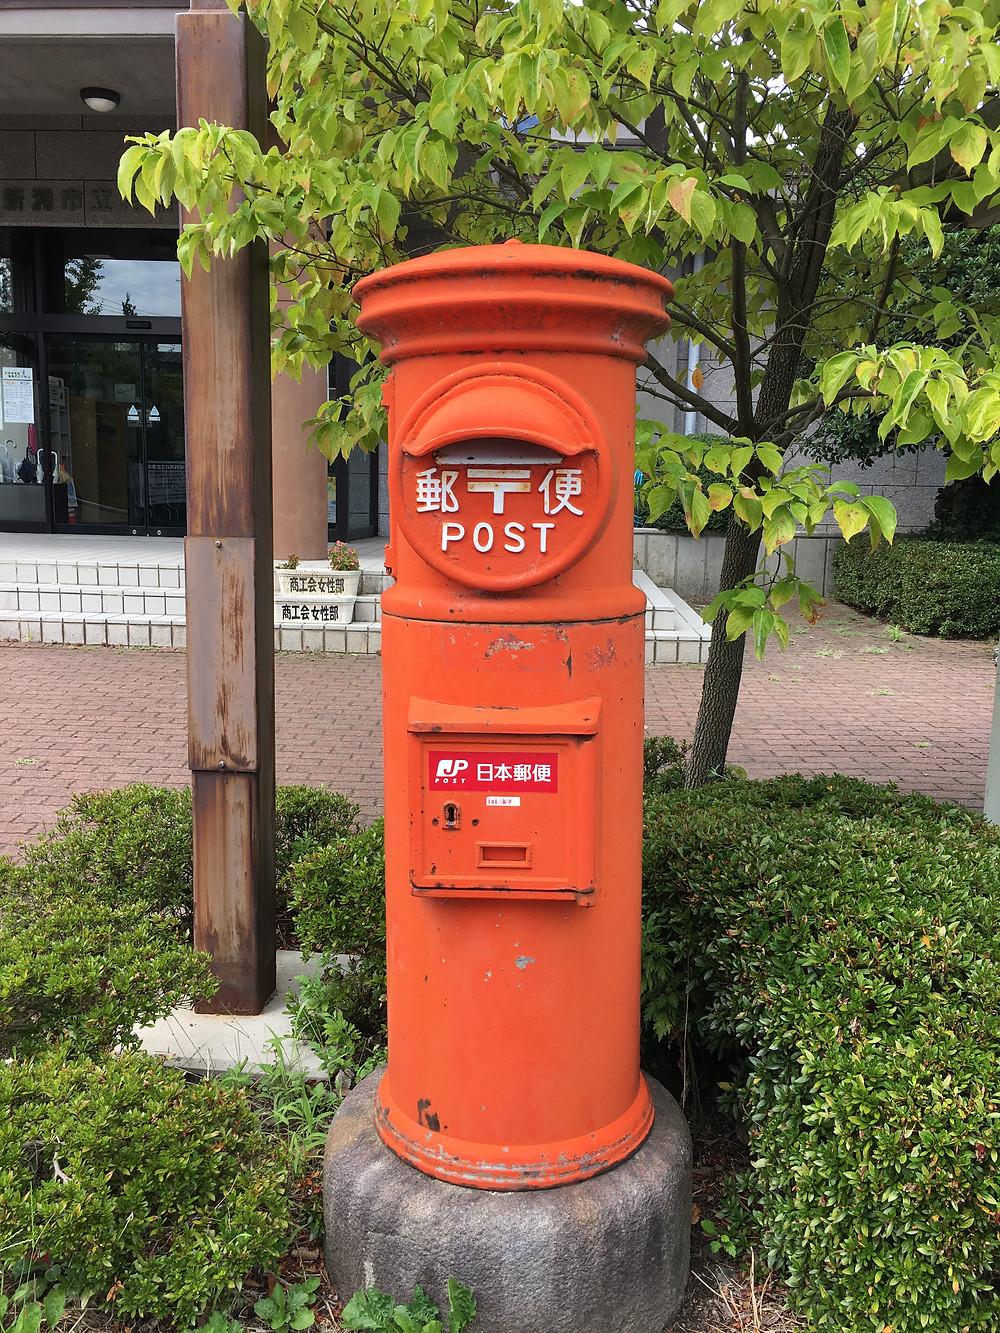 月潟図書館の郵便ポスト